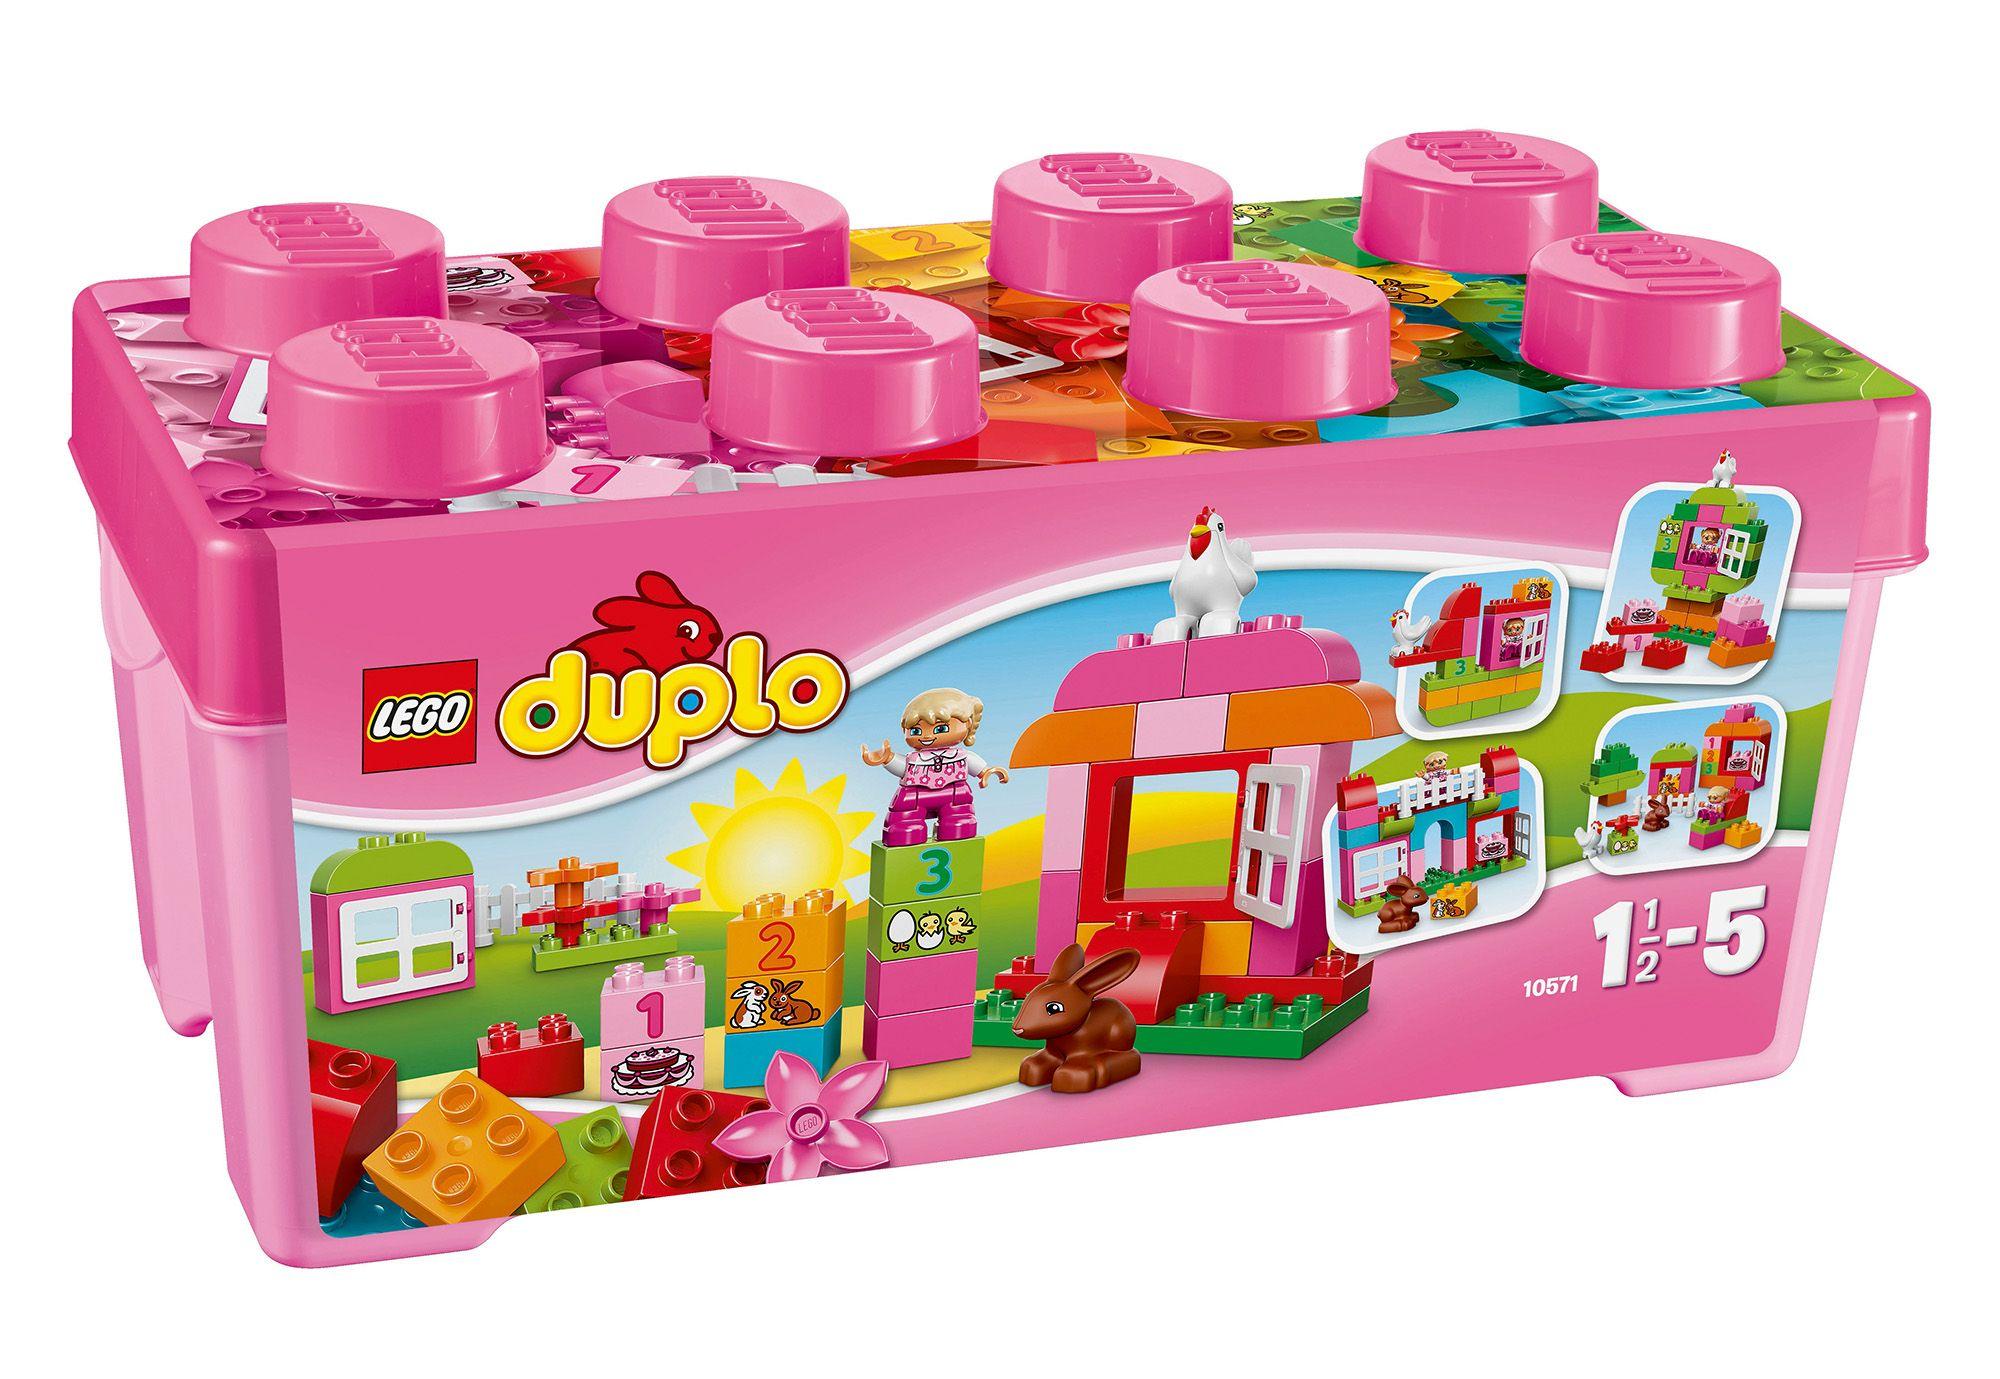 LEGO® 10571 DUPLO Große Steinebox Mädchen, Konstruktionsspielzeug